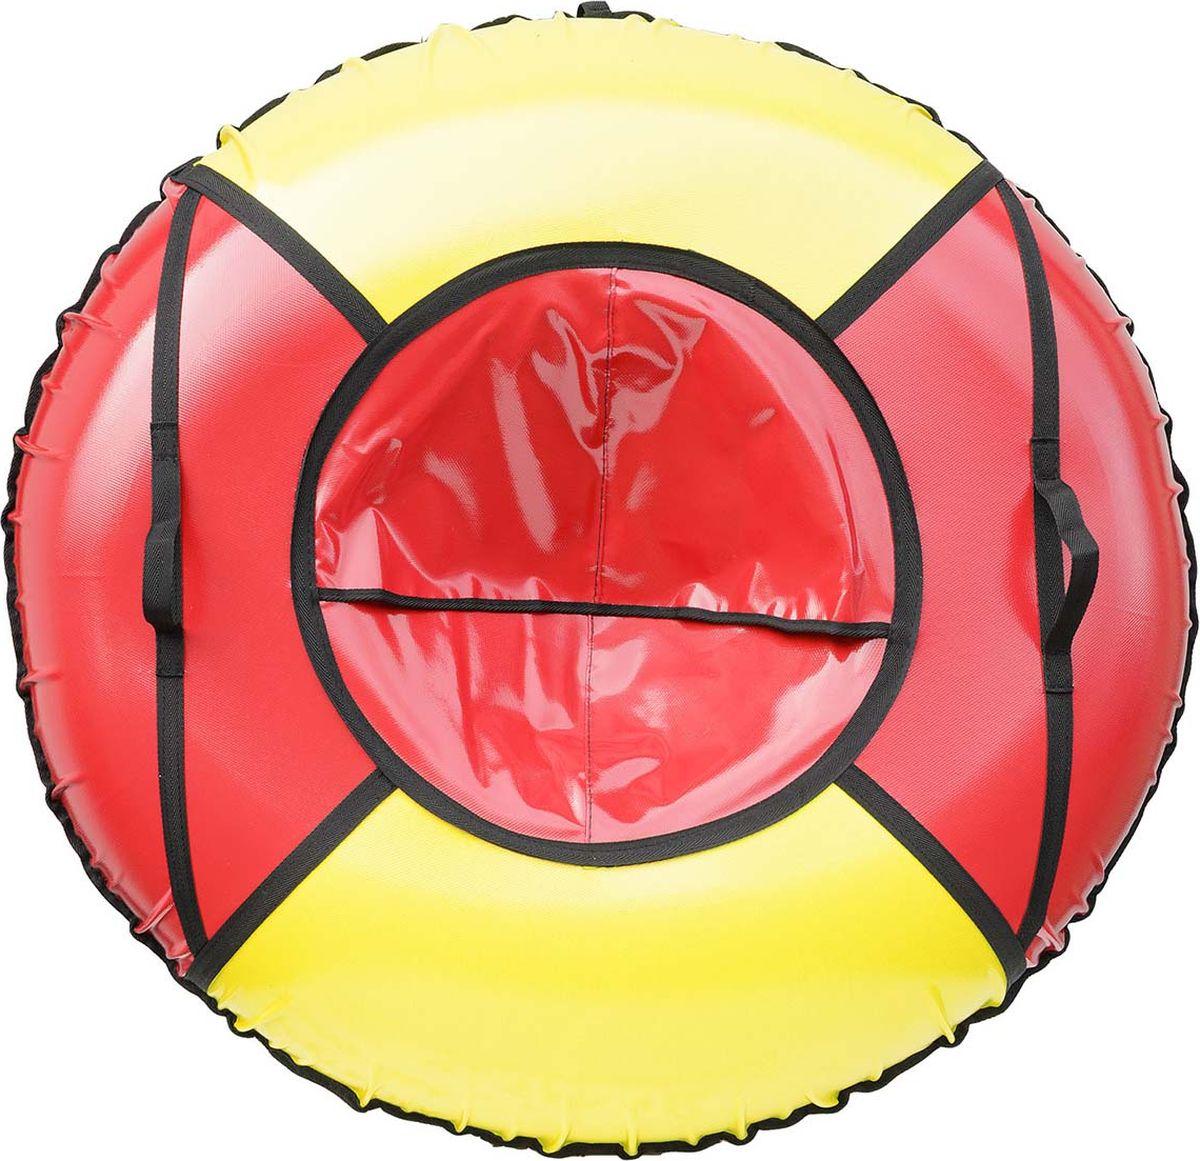 Тюбинг Эх, Прокачу! Профи-4, цвет: красный, желтый, диаметр 115 смСП115-4-1Любимая детская зимняя забава - это кататься с горки. А катание на тюбинге Эх, Прокачу! Профи-4 надолго запомнится вам и вашим близким. Свежий воздух, веселая компания, веселые развлечения - эти моменты вы будете вспоминать еще долгое время.Особенности: Материал - ткань ПВХ, плотность 630 г/м2.Диаметр в надутом виде - 115 см.Морозоустойчивость - до -45 градусов.Камера российского производства, буксировочный ремень. Тюбинг не предназначен для буксировки механическими или транспортными средствами (подъемники, канатные дороги, лебедки, автомобиль, снегоход, квадроцикл и т.д.).Допускается деформация формы санок из-за неравномерности надувания камеры.